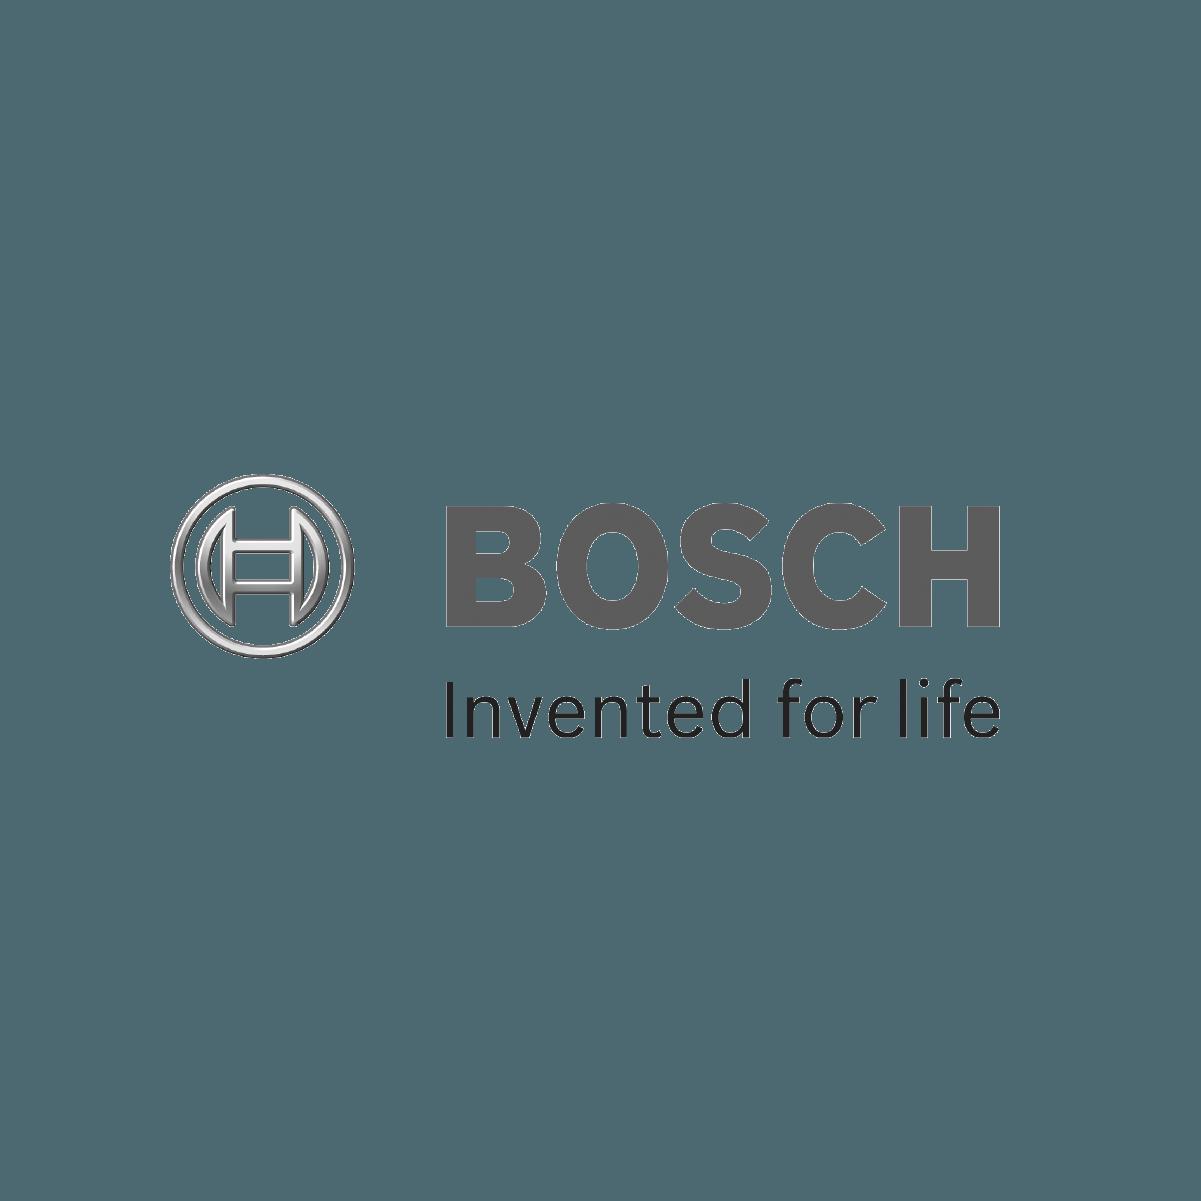 9_Bosch--.png